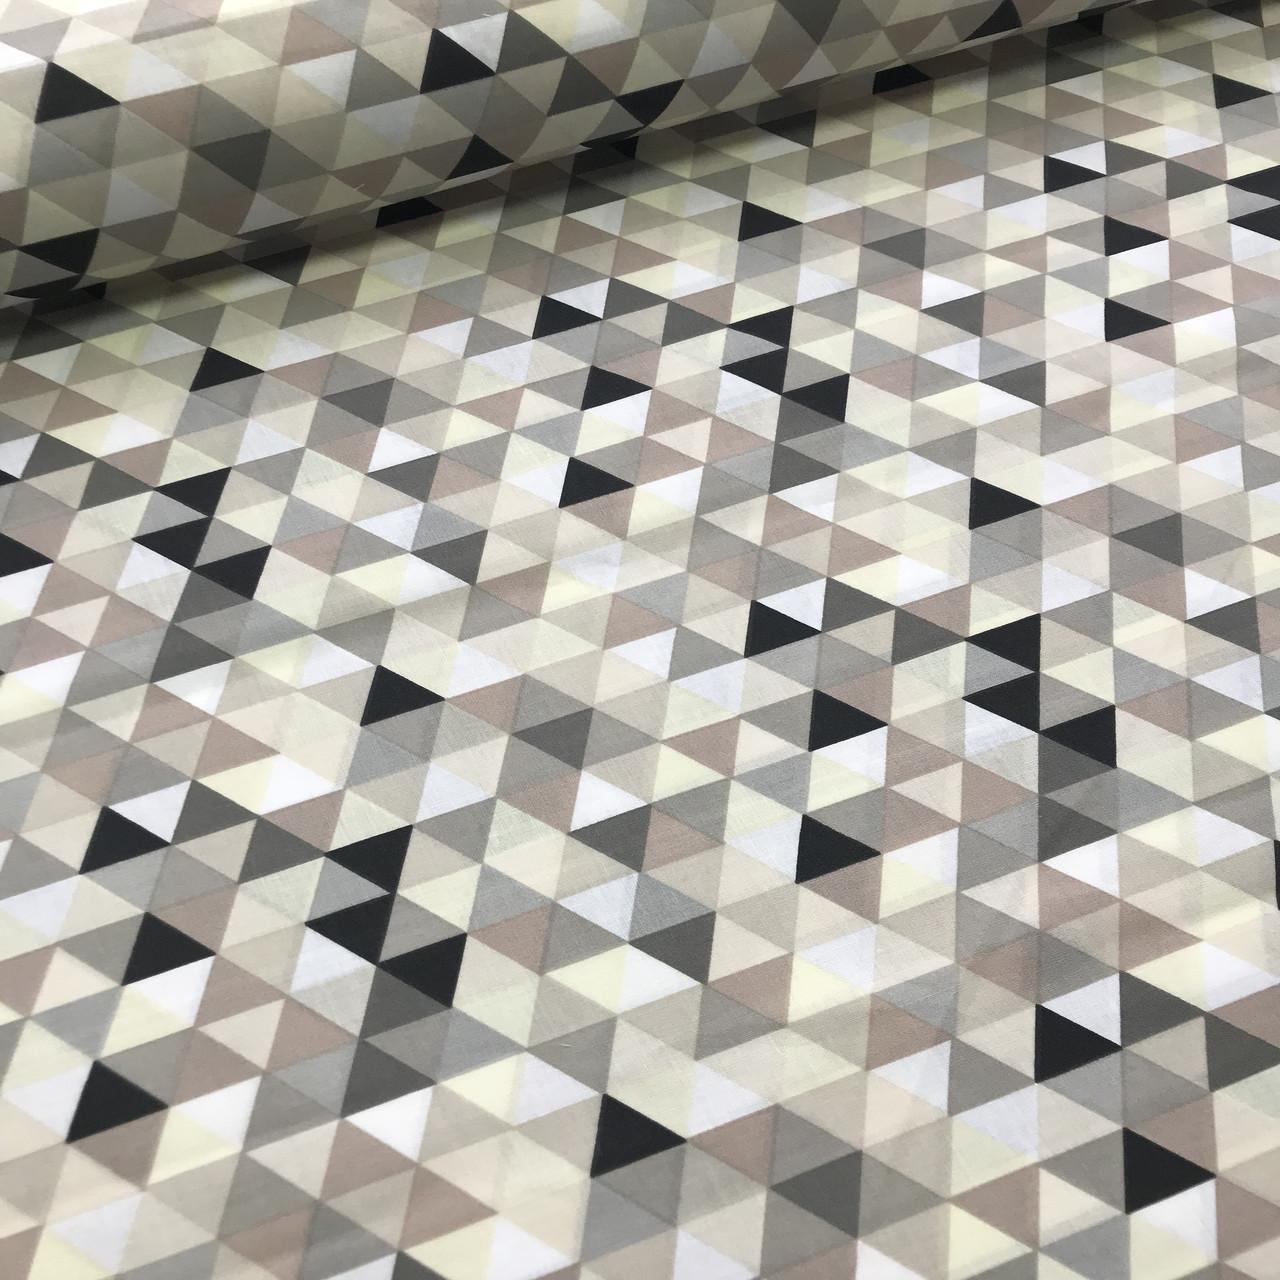 Хлопковая ткань польская бязь треугольники мелкие светло-бежевые, графитовые, серые, белые №99